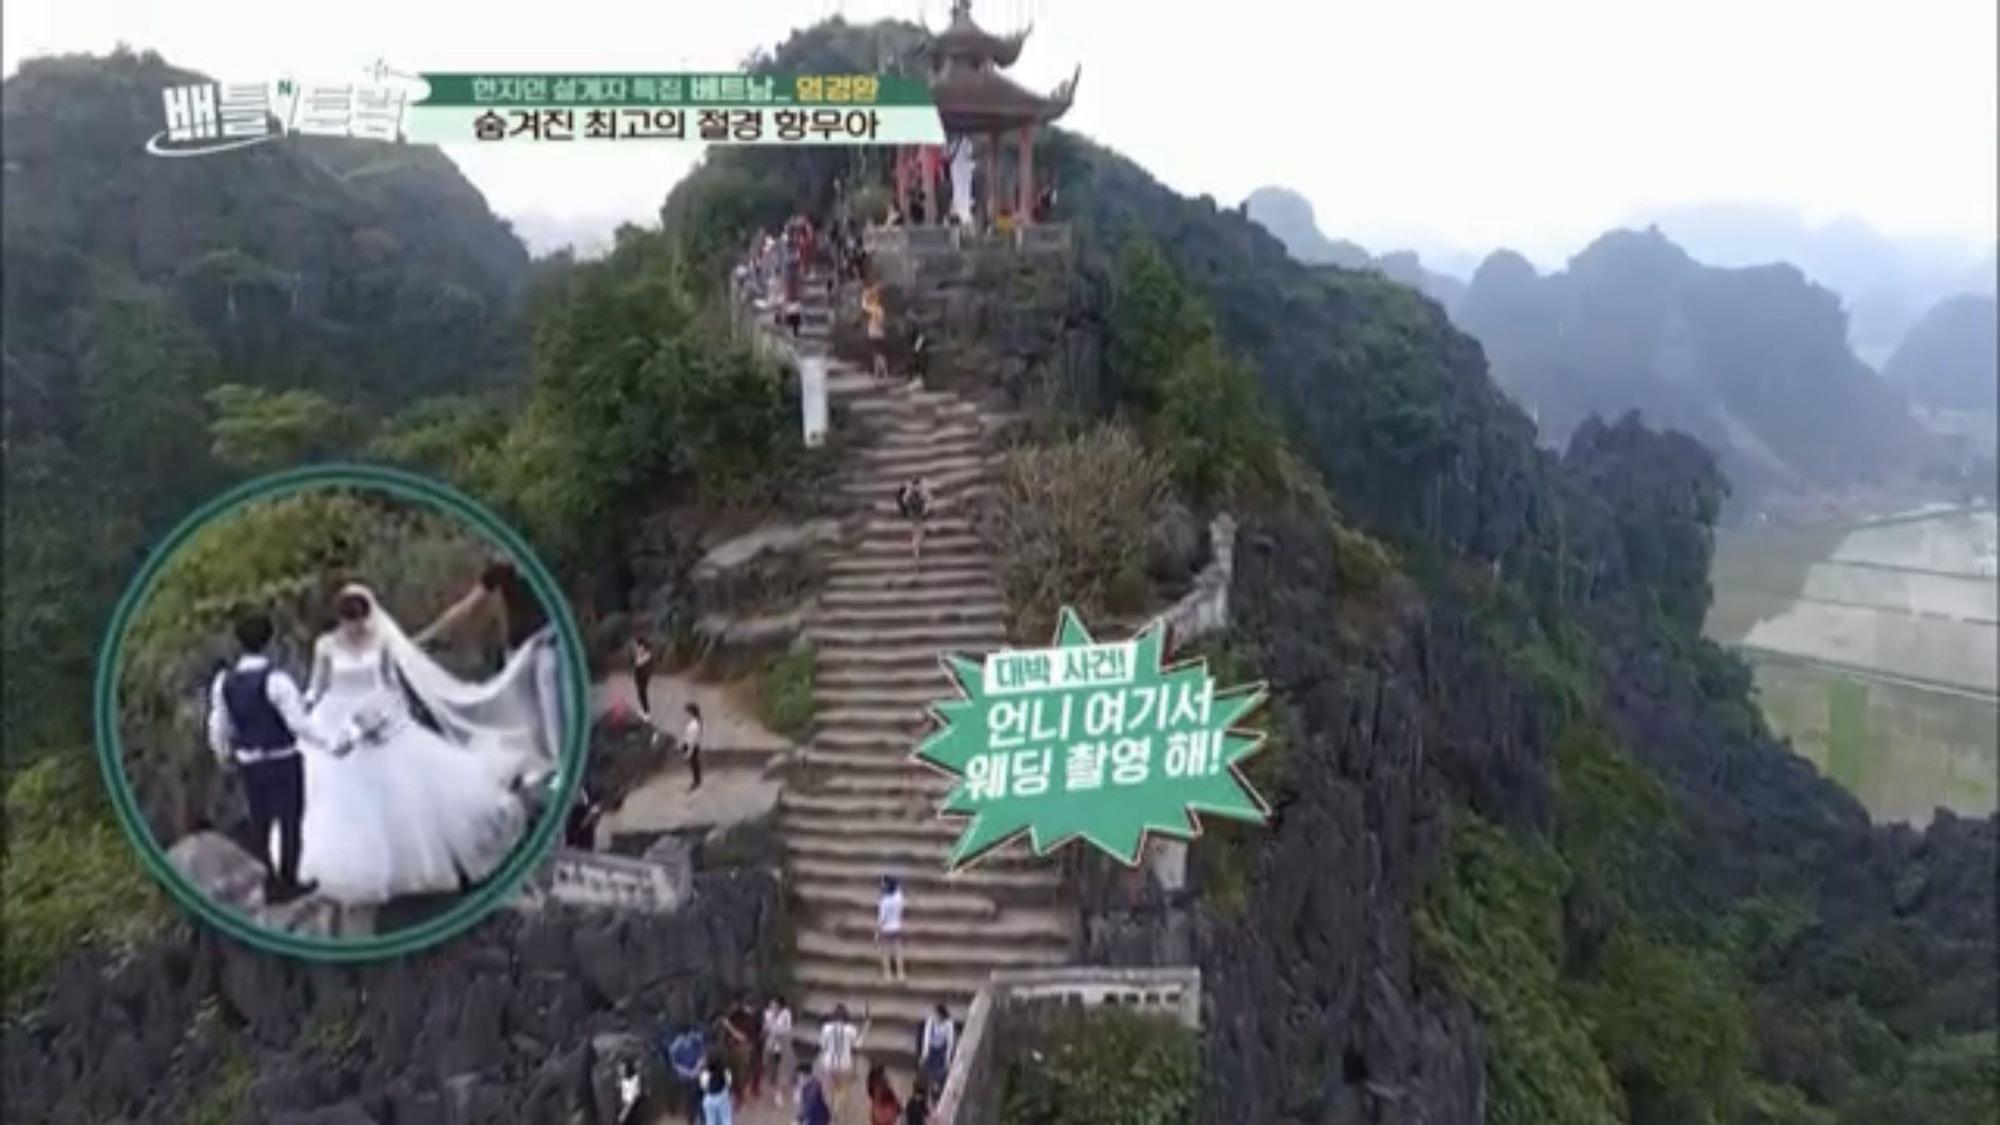 Hai danh thắng Việt Nam gây ấn tượng mạnh trên sóng truyền hình Hàn Quốc - Ảnh 2.